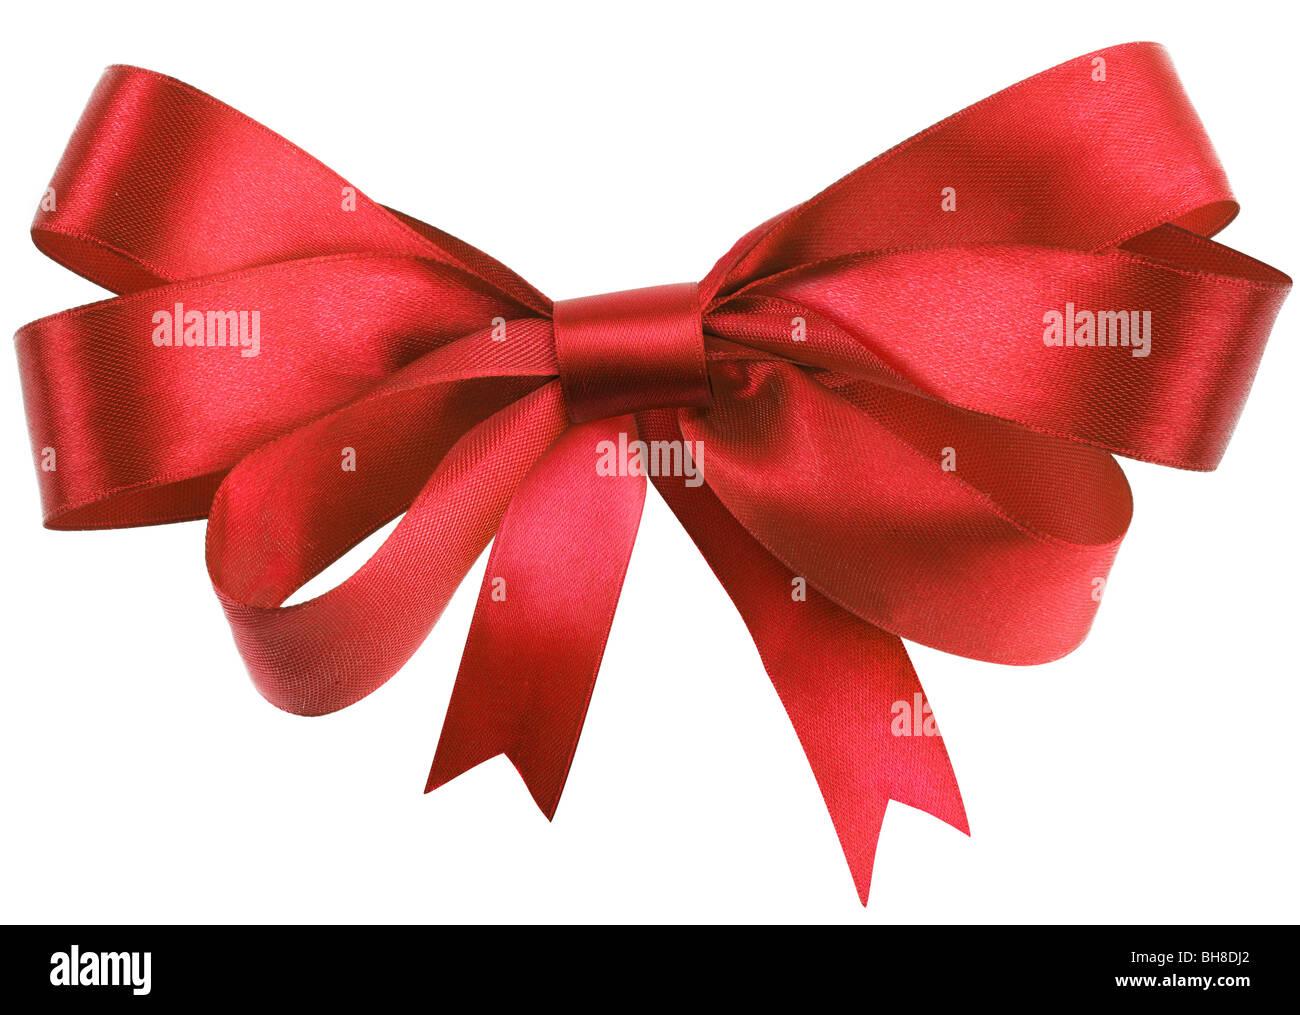 Bow, faite de ruban de soie rouge Photo Stock